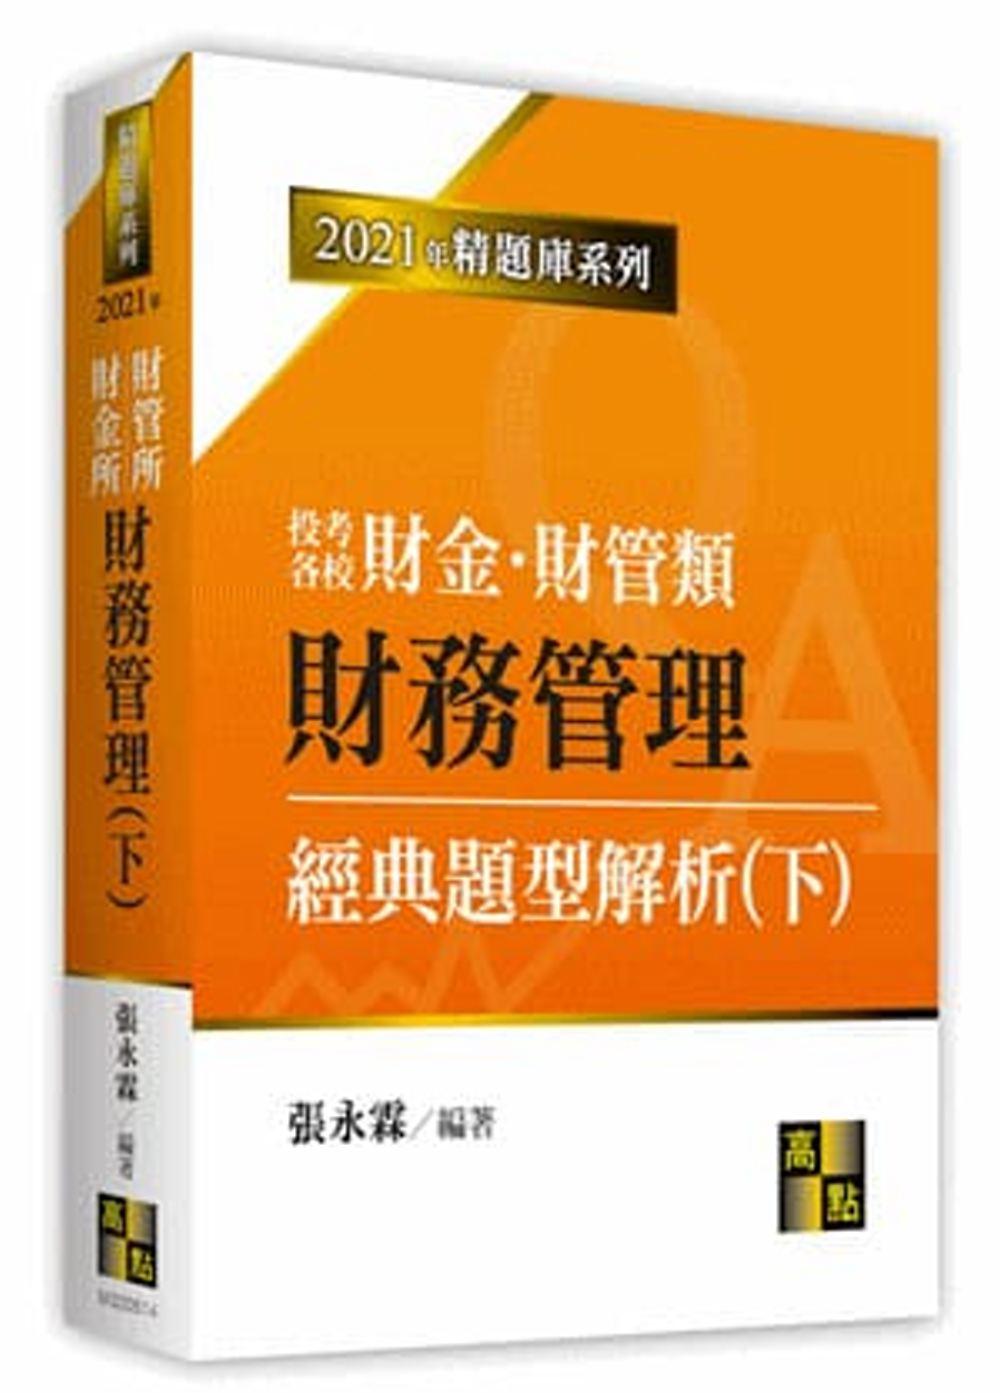 (绝版)研究所考試:財務管理經典題型解析(下)